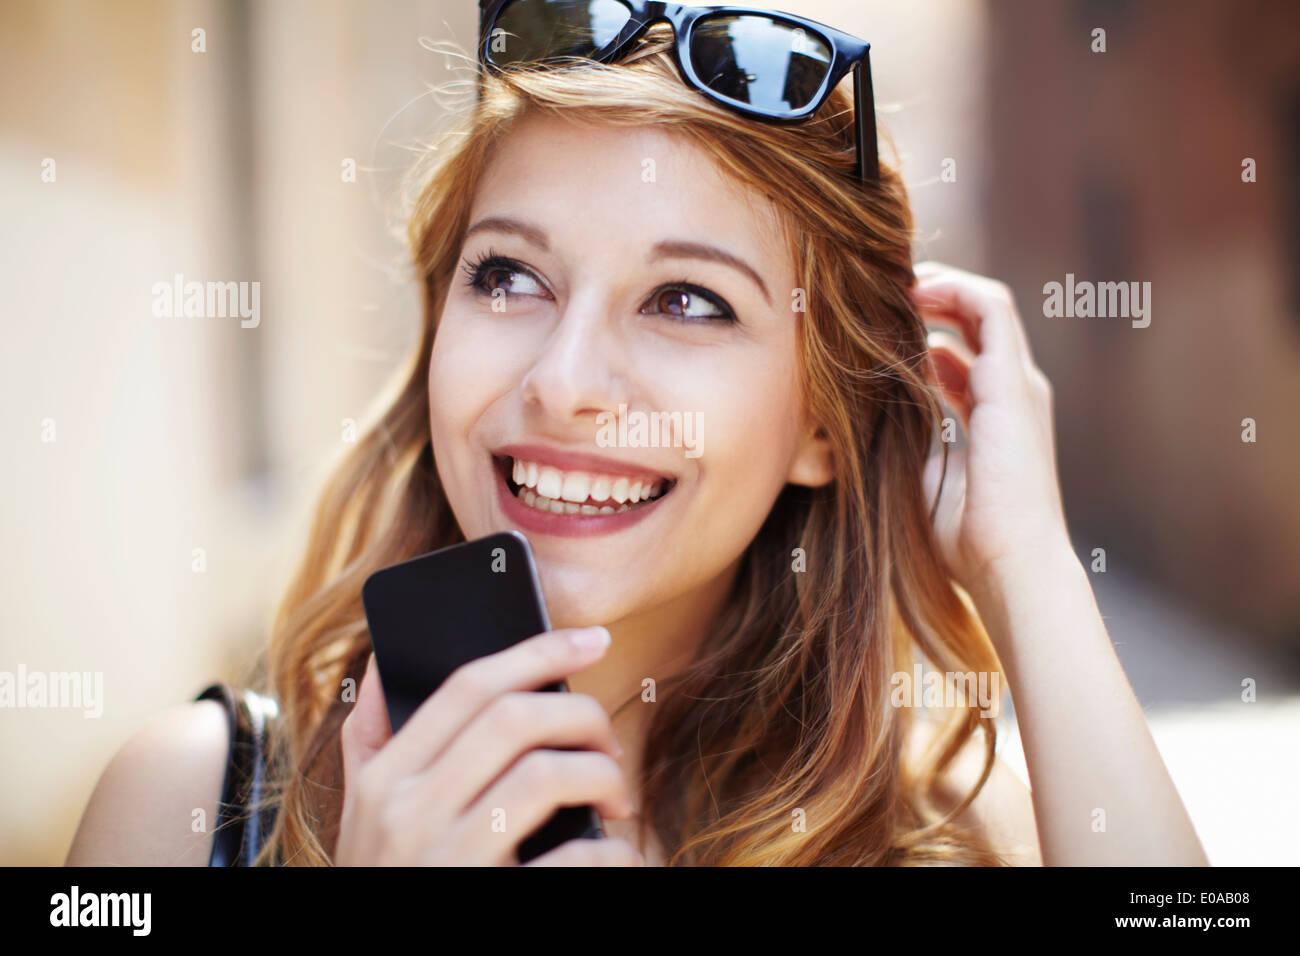 Anspruchsvolle junge Frau mit Smartphone nachschlagen Stockbild